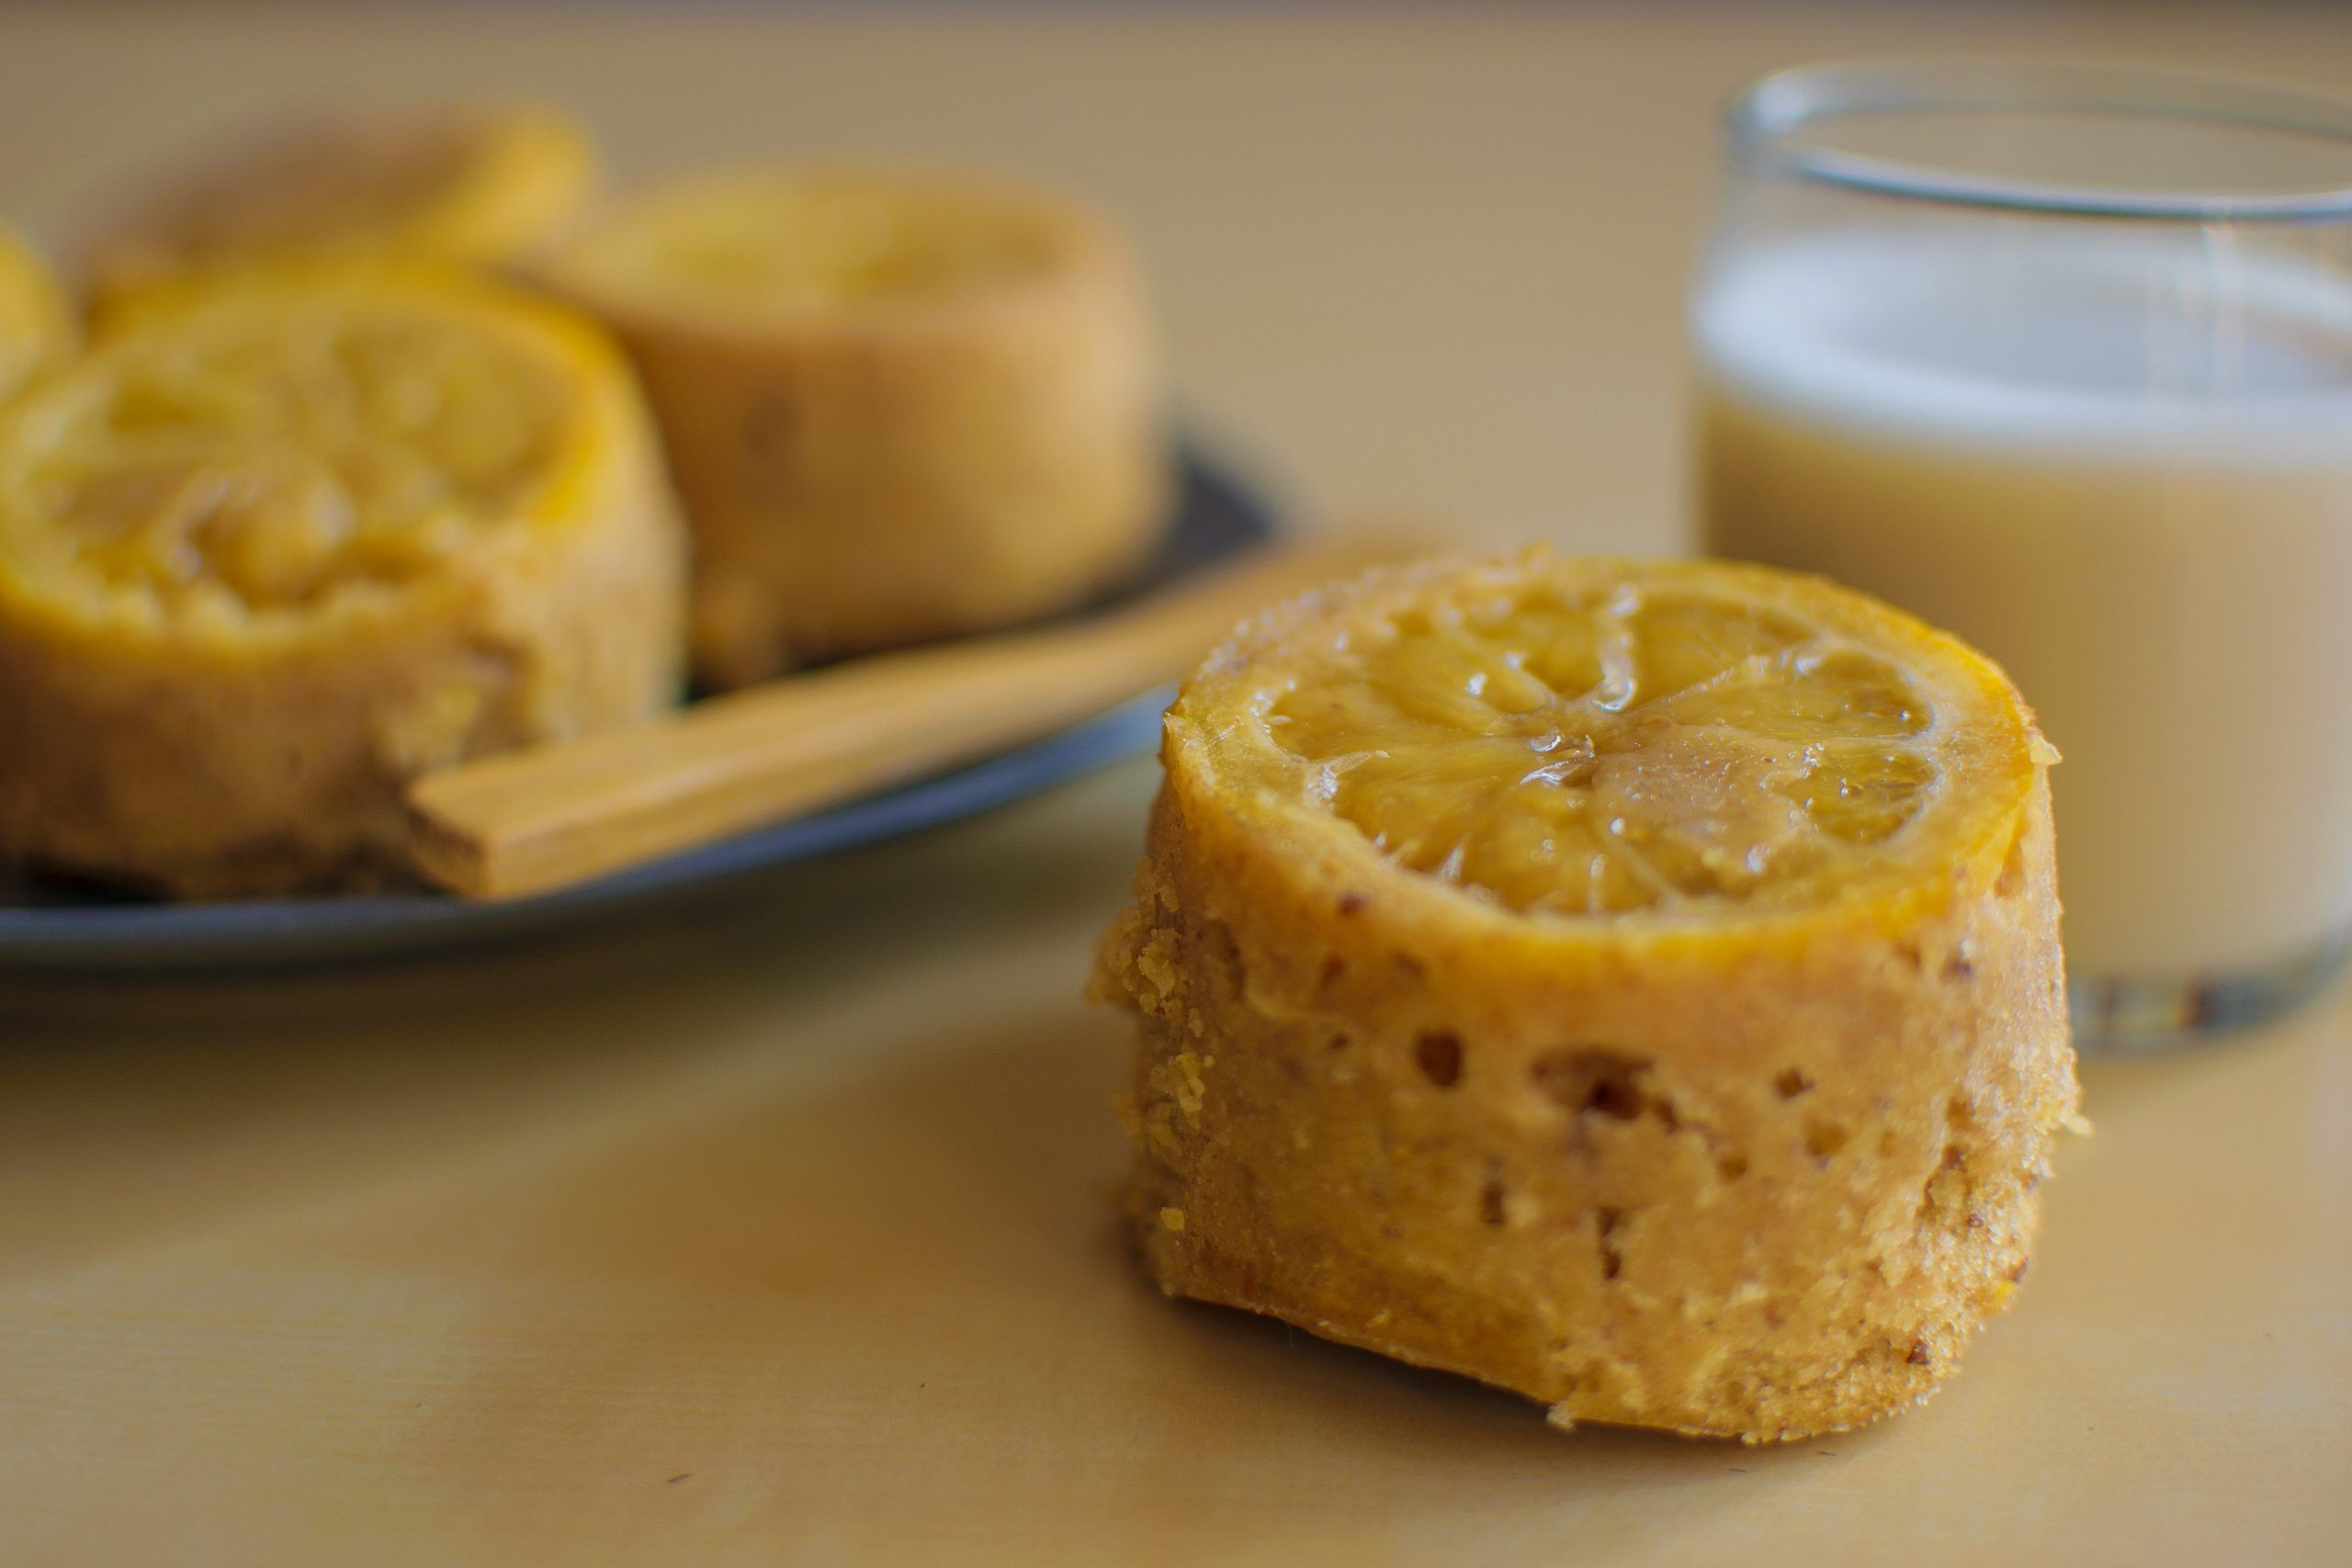 Pastelitos de Limón Juego de Tronos